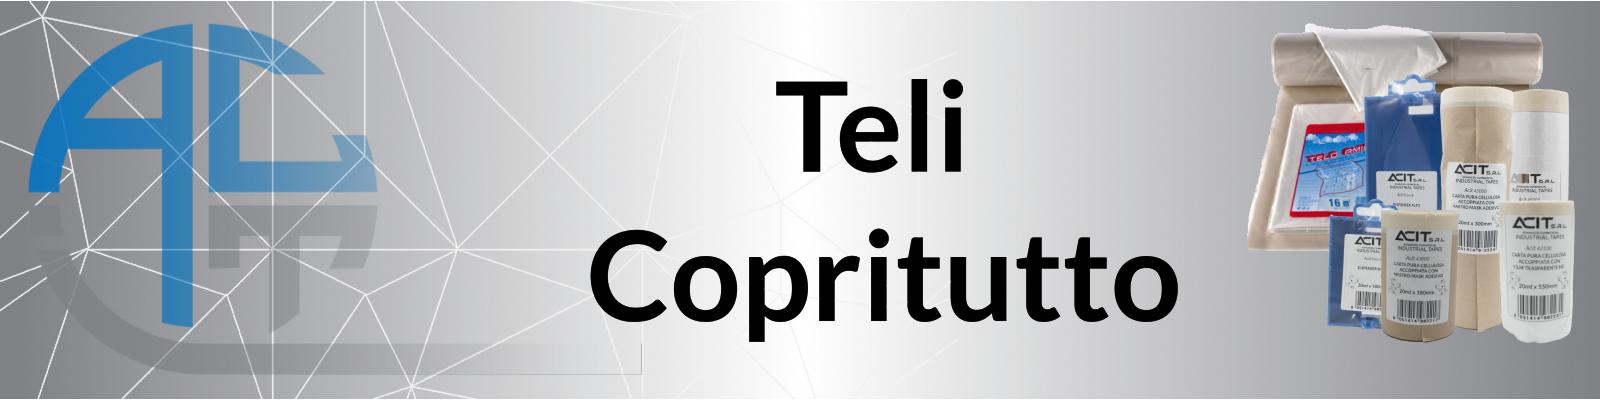 Teli Copritutto - Carte Mask Accoppiate a Teli Protettivi - Nastro